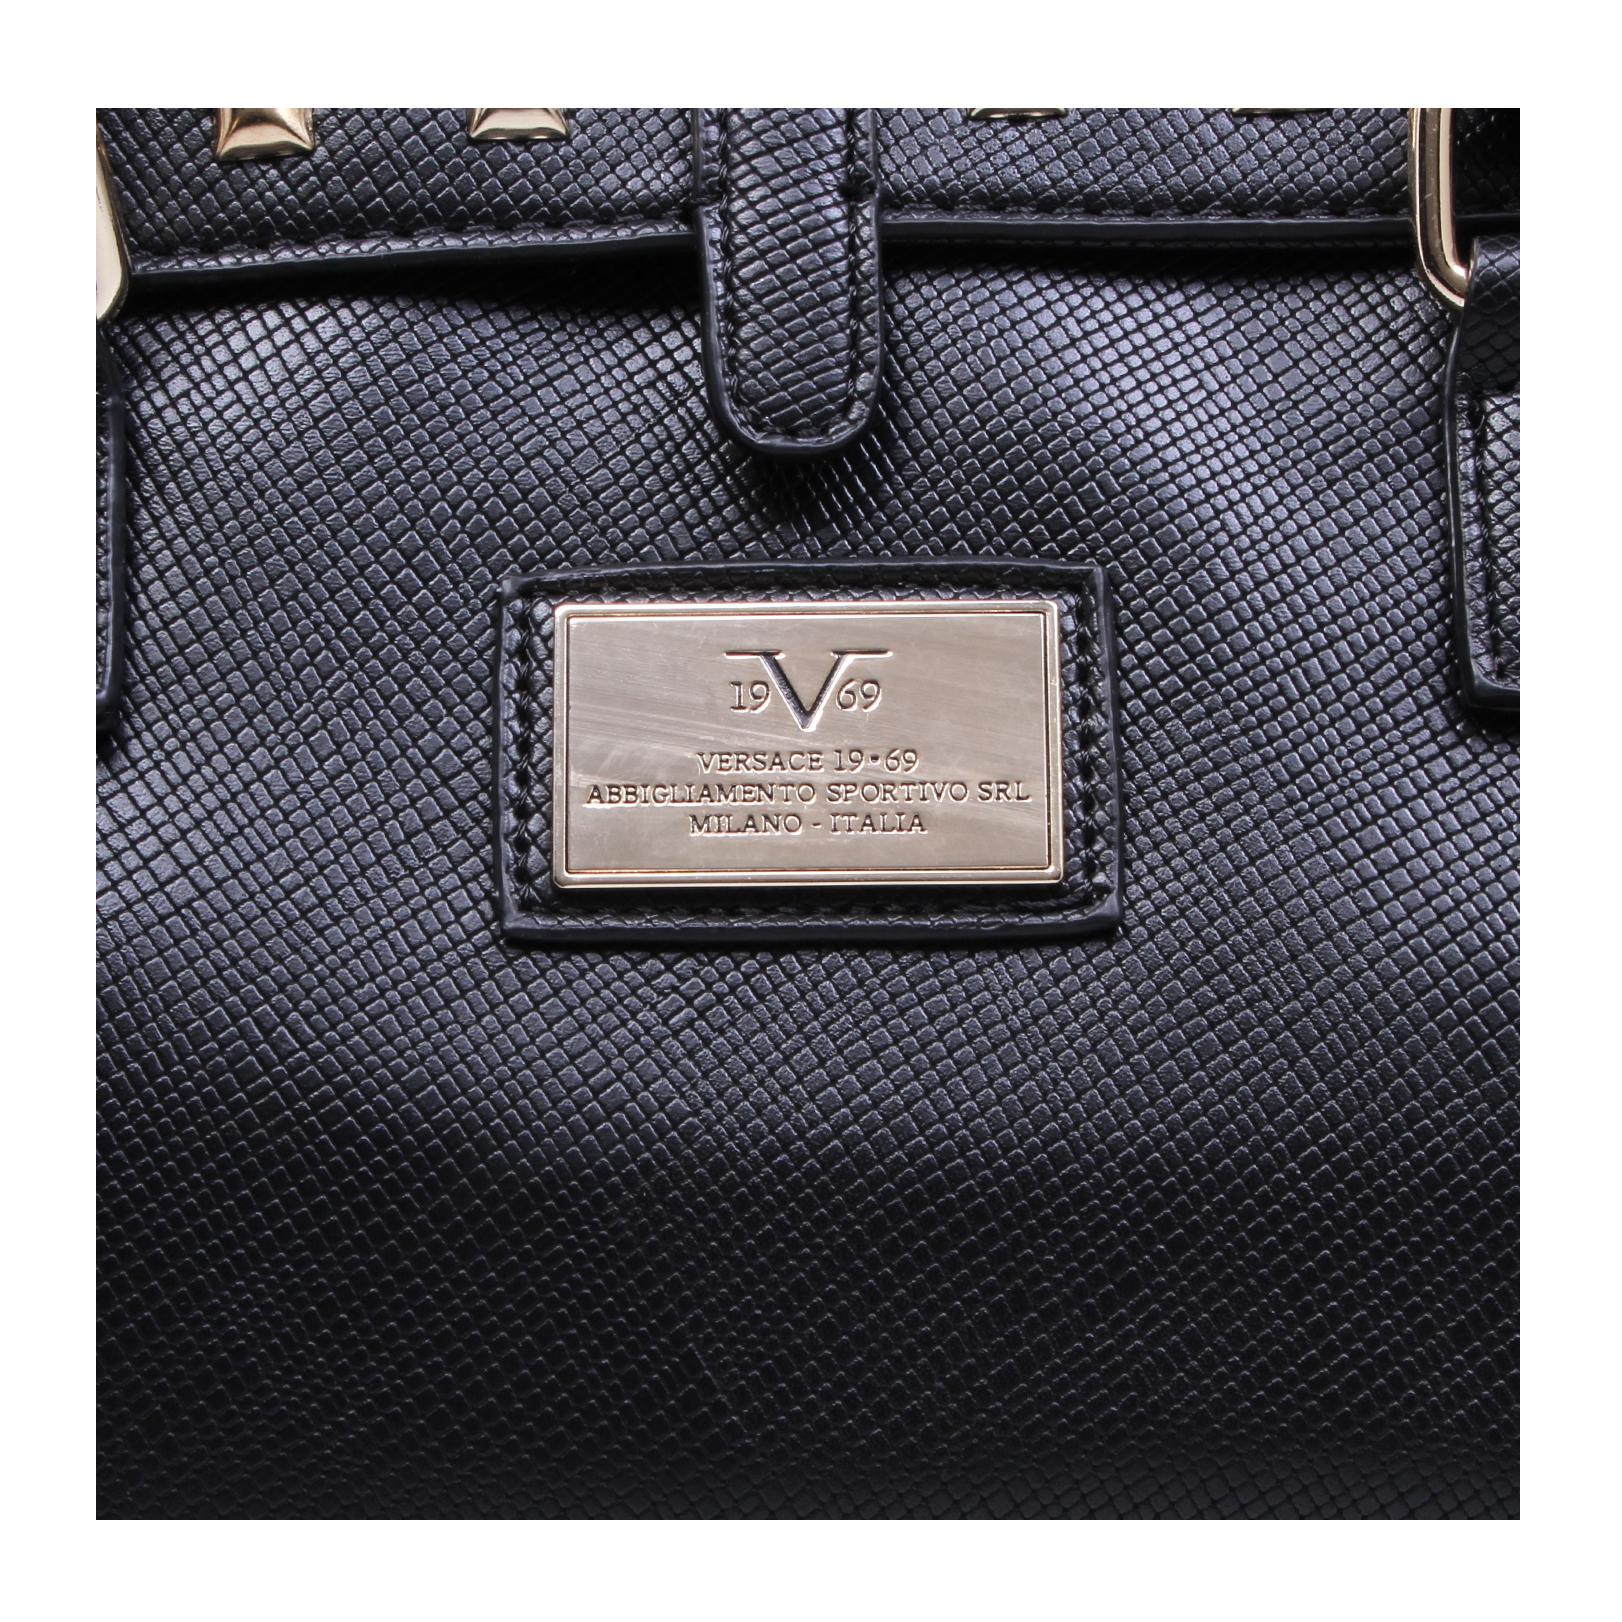 yasmin versace 1969 yasmin black handbag by versace 1969. Black Bedroom Furniture Sets. Home Design Ideas